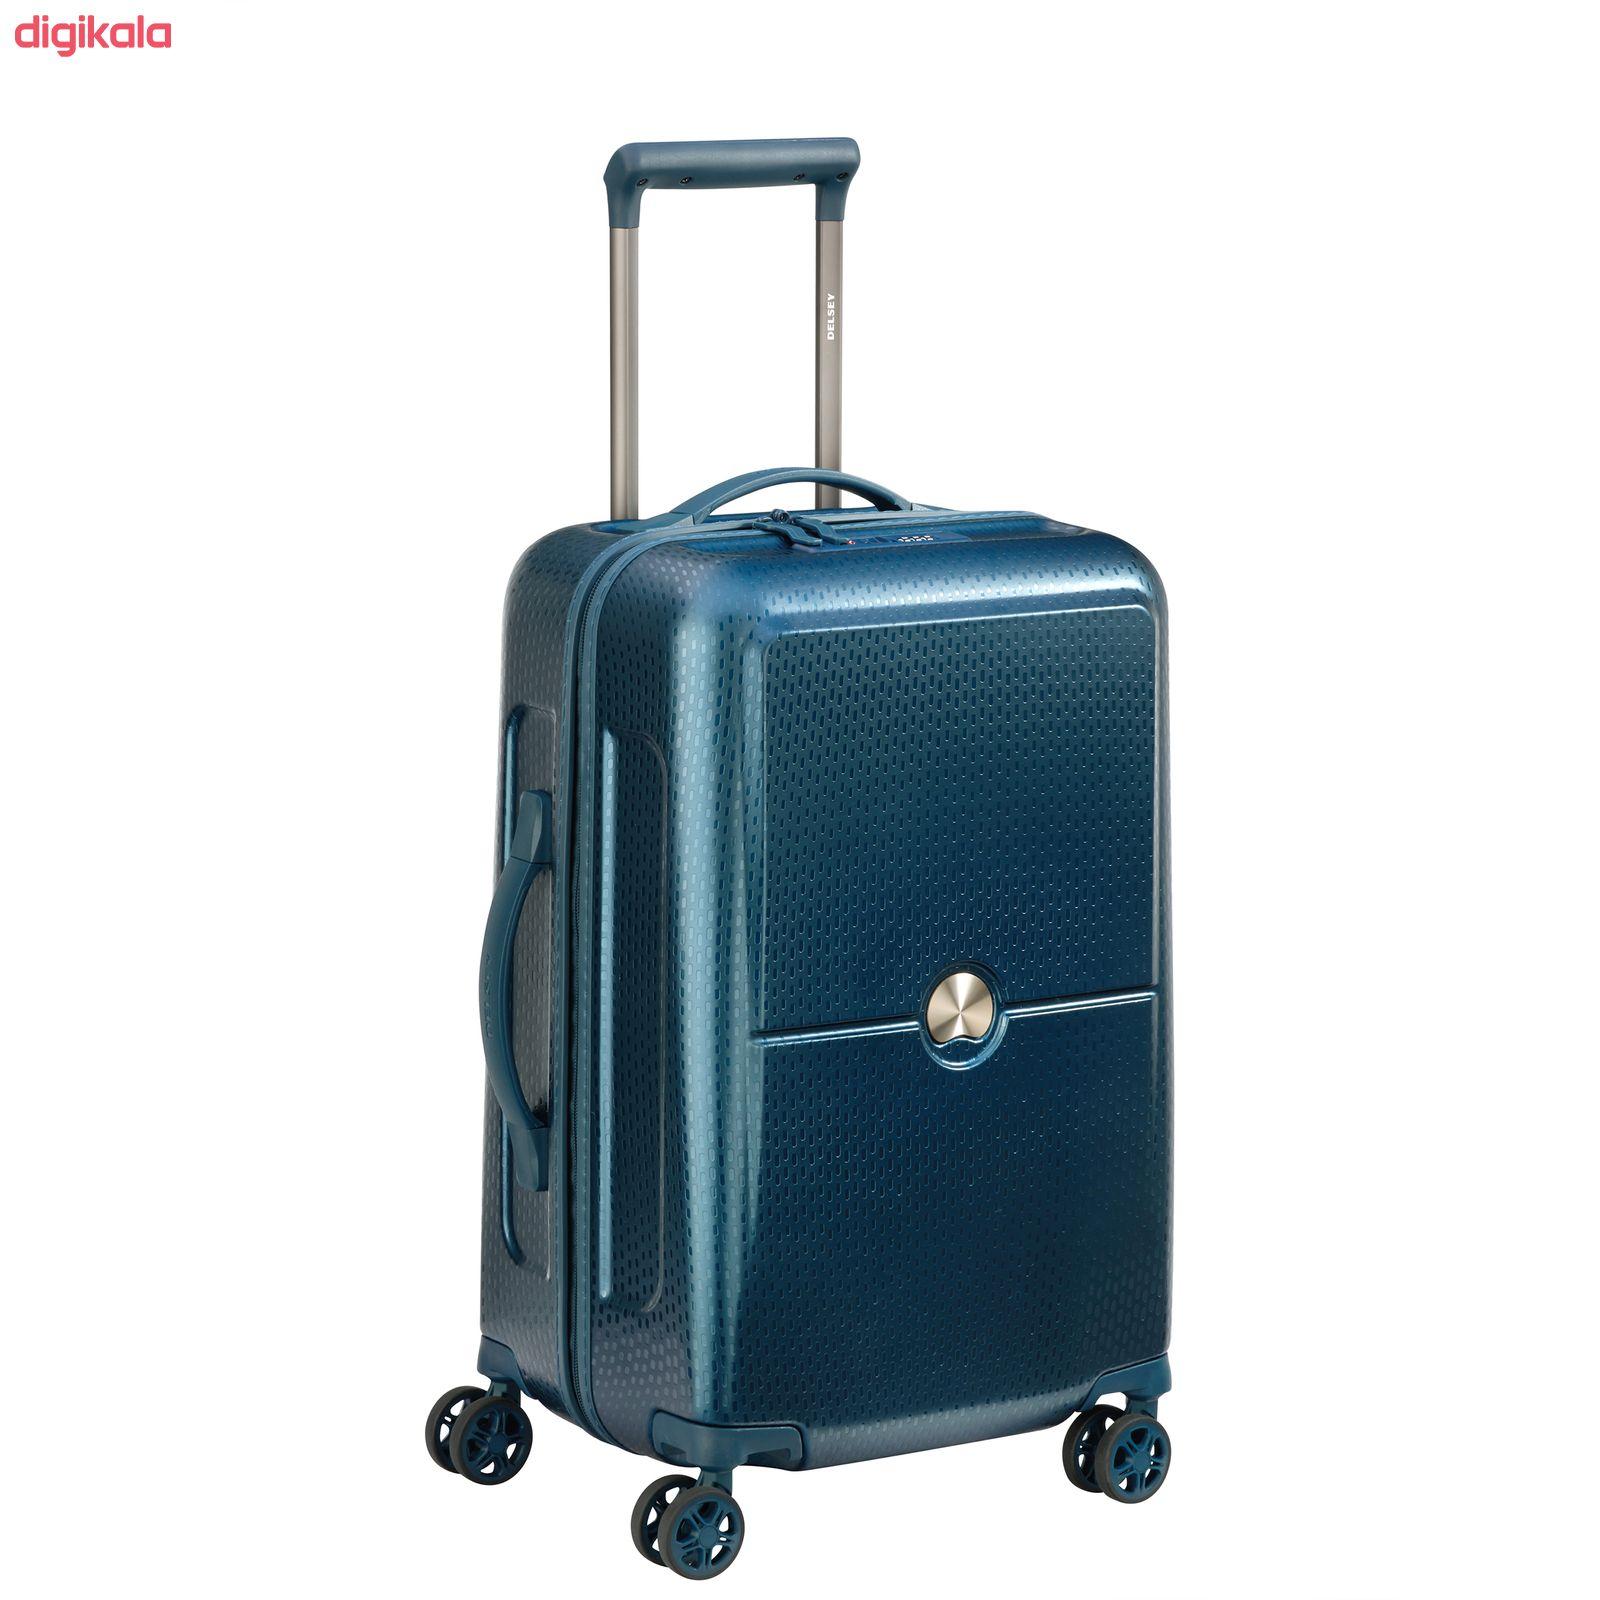 چمدان دلسی مدل TURENNE کد 1621801 سایز کوچک main 1 16